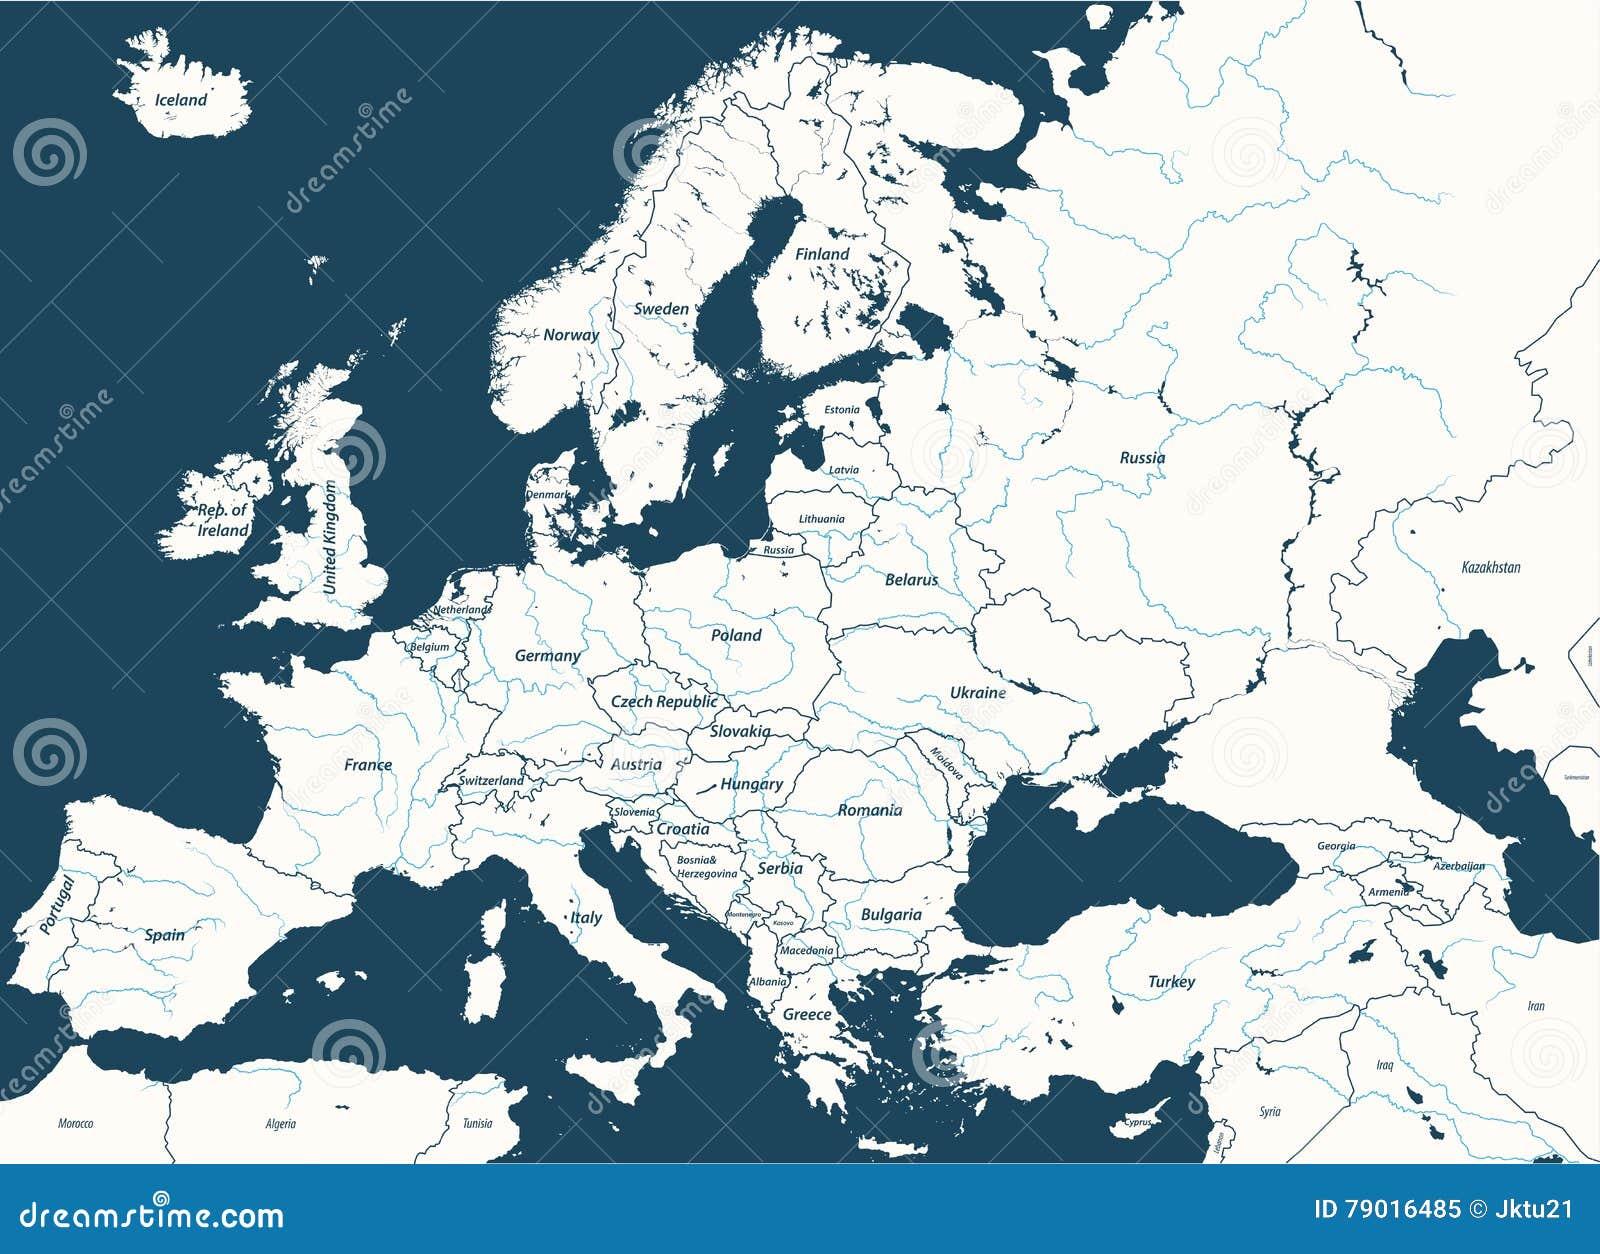 Europa su ha dettagliato la mappa politica con i fiumi principali Tutti gli elementi separati negli strati staccabili